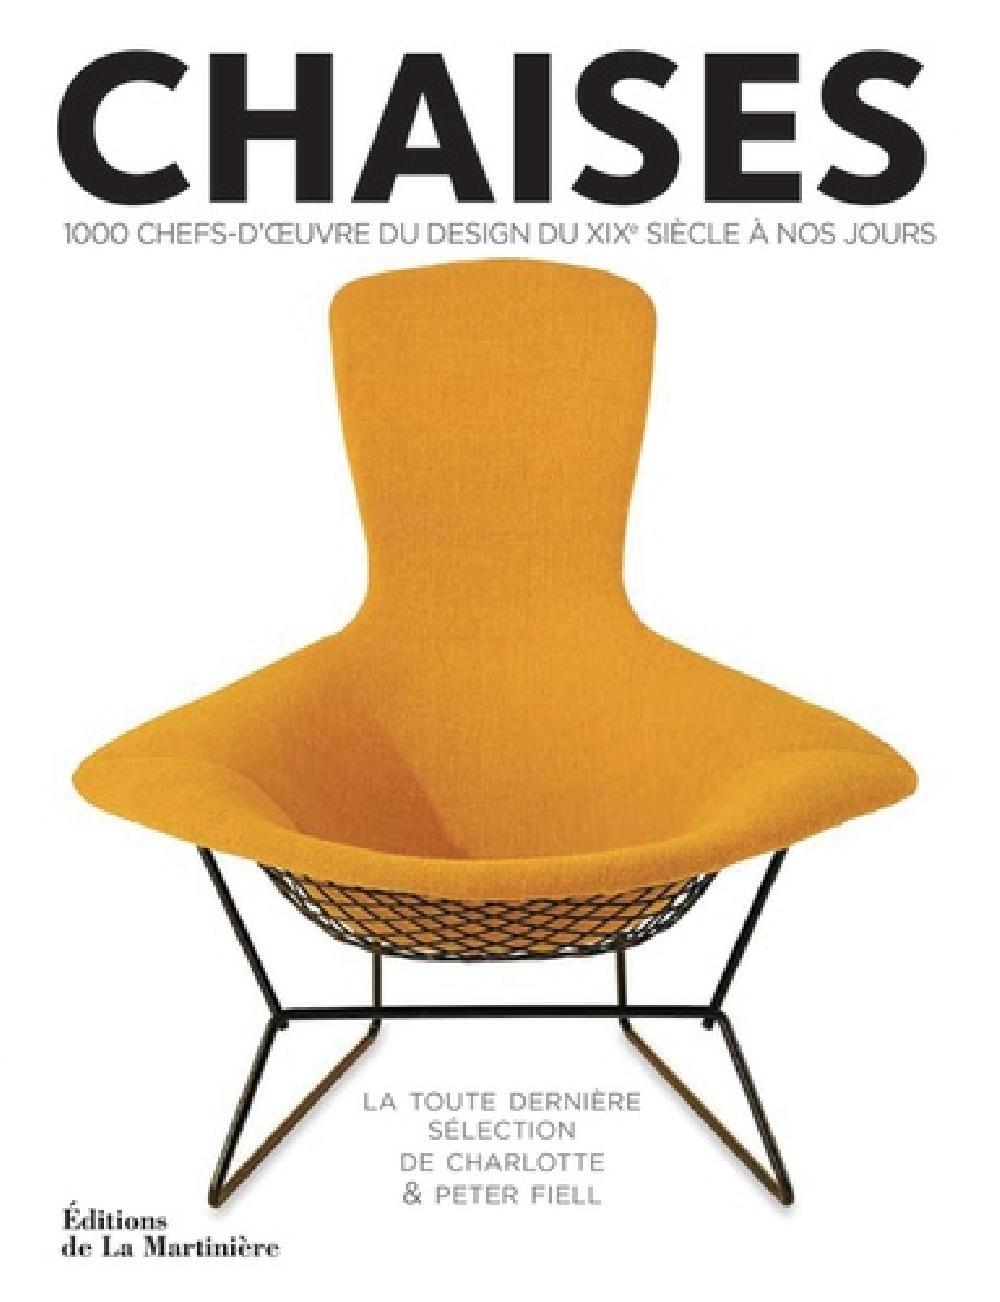 Chaises - 1000 chefs-d'oeuvre du design du XIXe siècle à nos jours